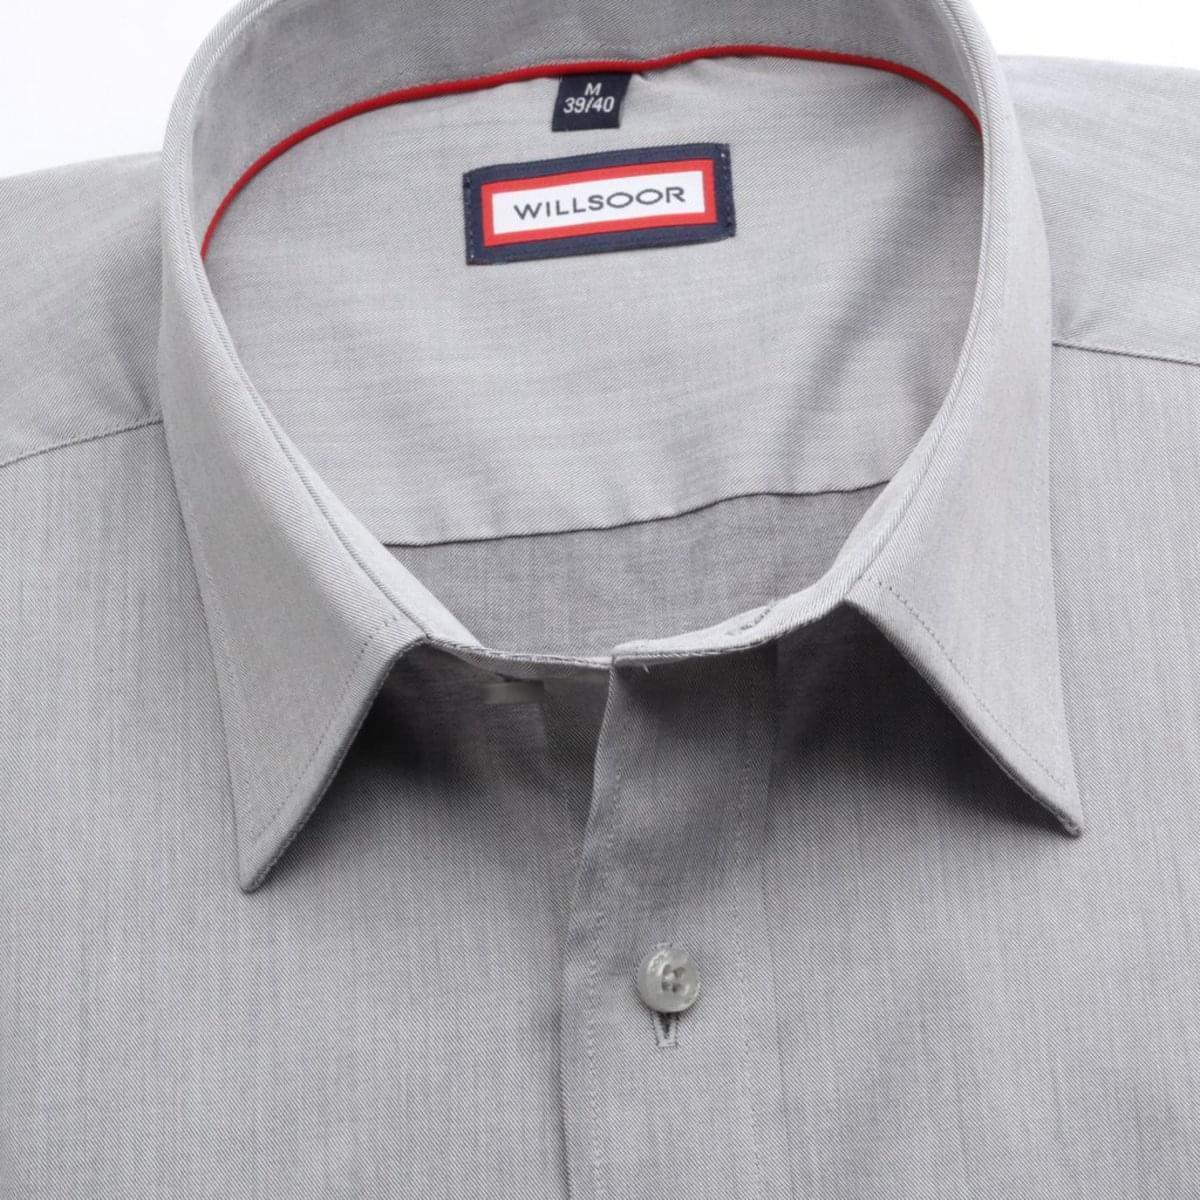 Pánska klasická košeľa (výška 188-194) 6680 vo svetlo šedé farbe 188-194 / L (41/42)